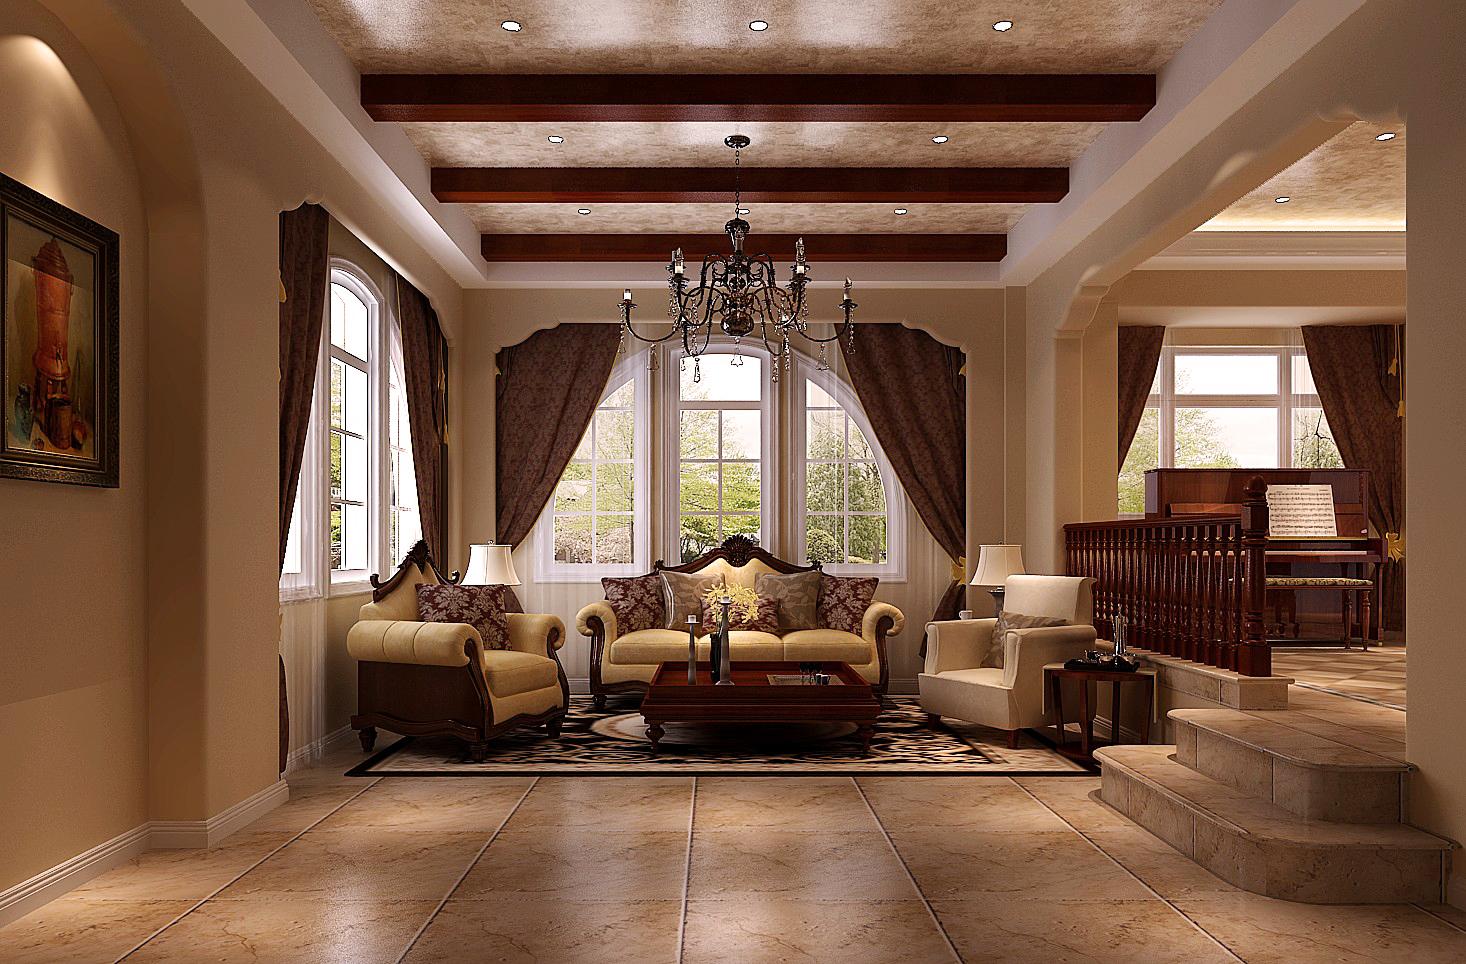 高度国际 新新家园 白富美 时尚 别墅 白领 80后 欧式 田园 客厅图片来自北京高度国际装饰设计在天竺新新家园400平托斯卡纳别墅的分享